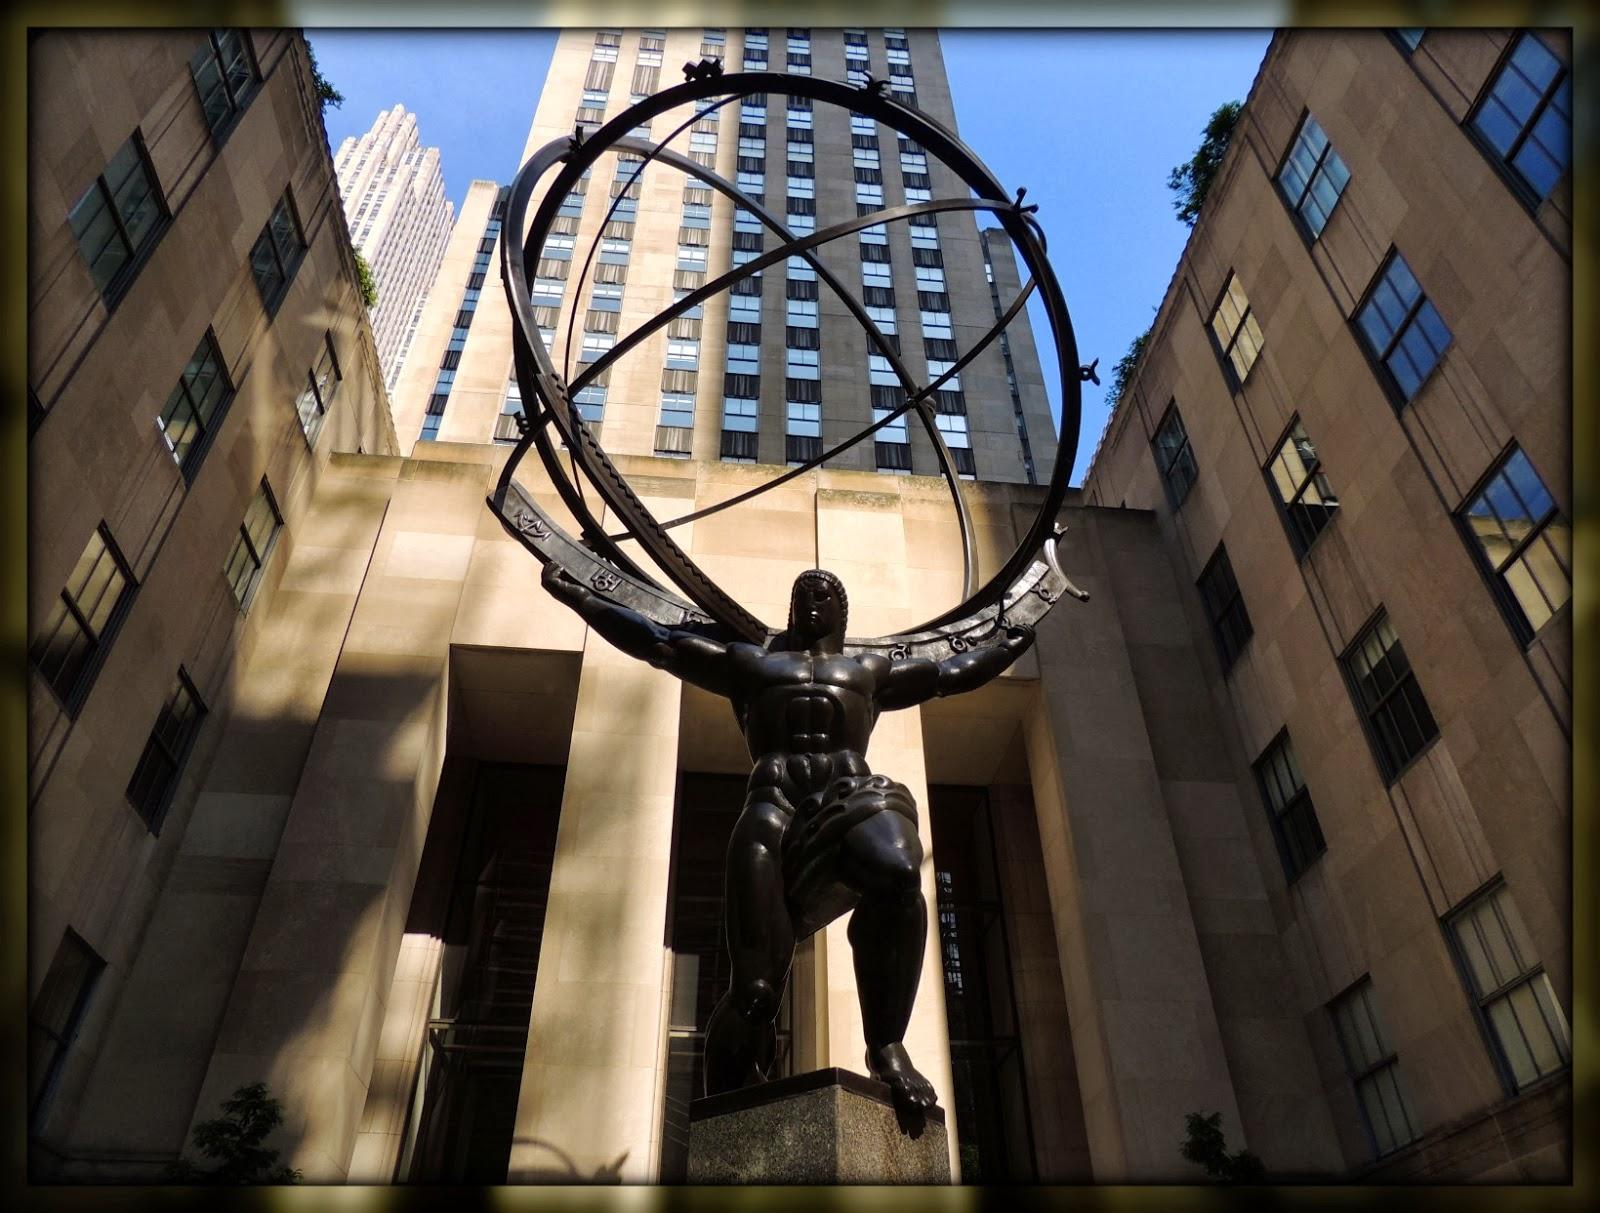 NY en 3 Días: Escultura de Atlas en el Rockefeller Center